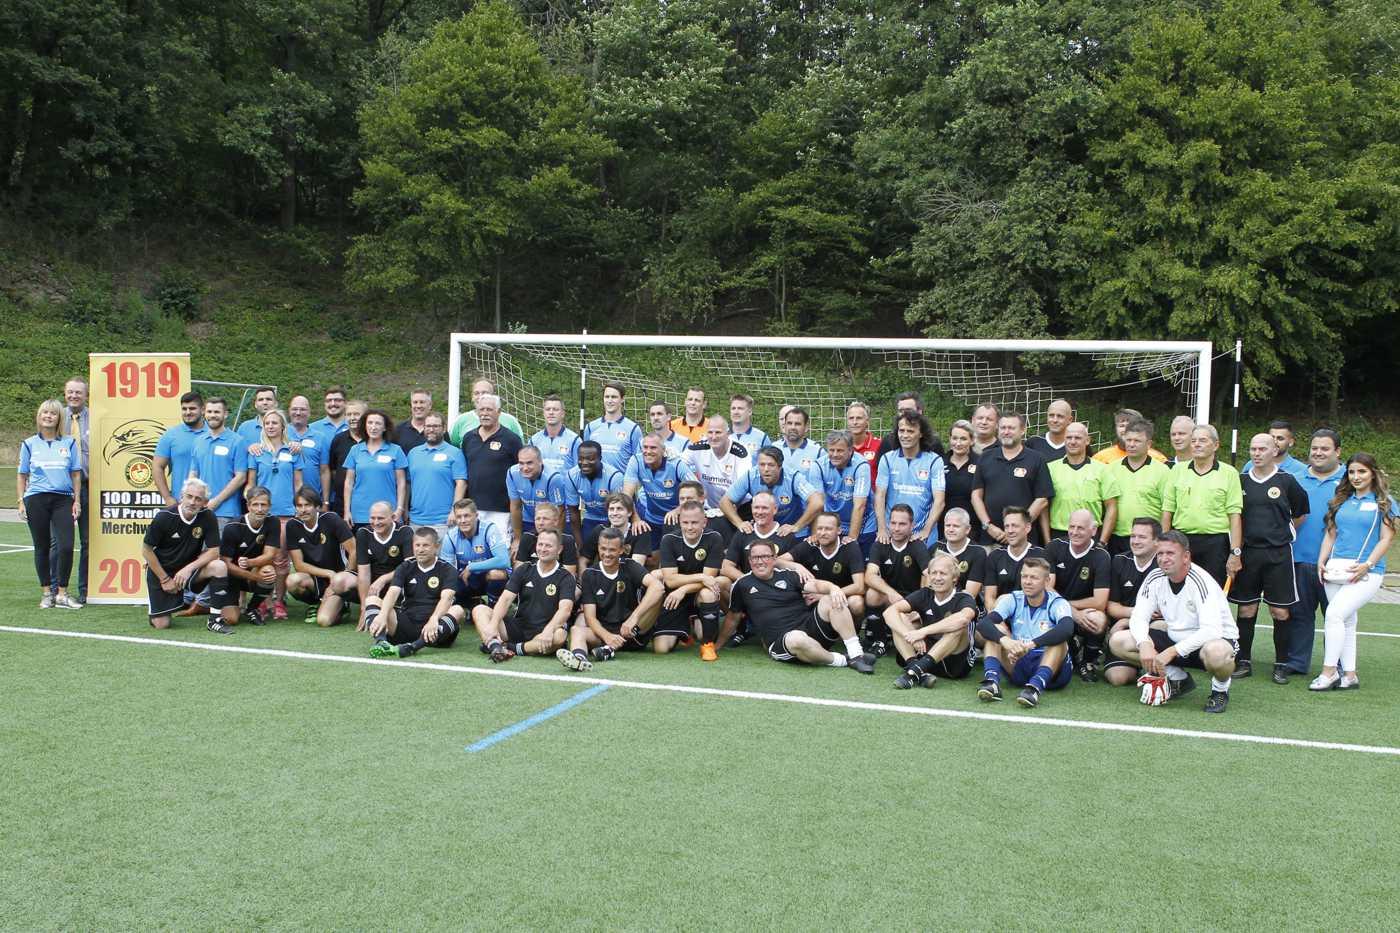 Ein Fußballfest für die ganze Region